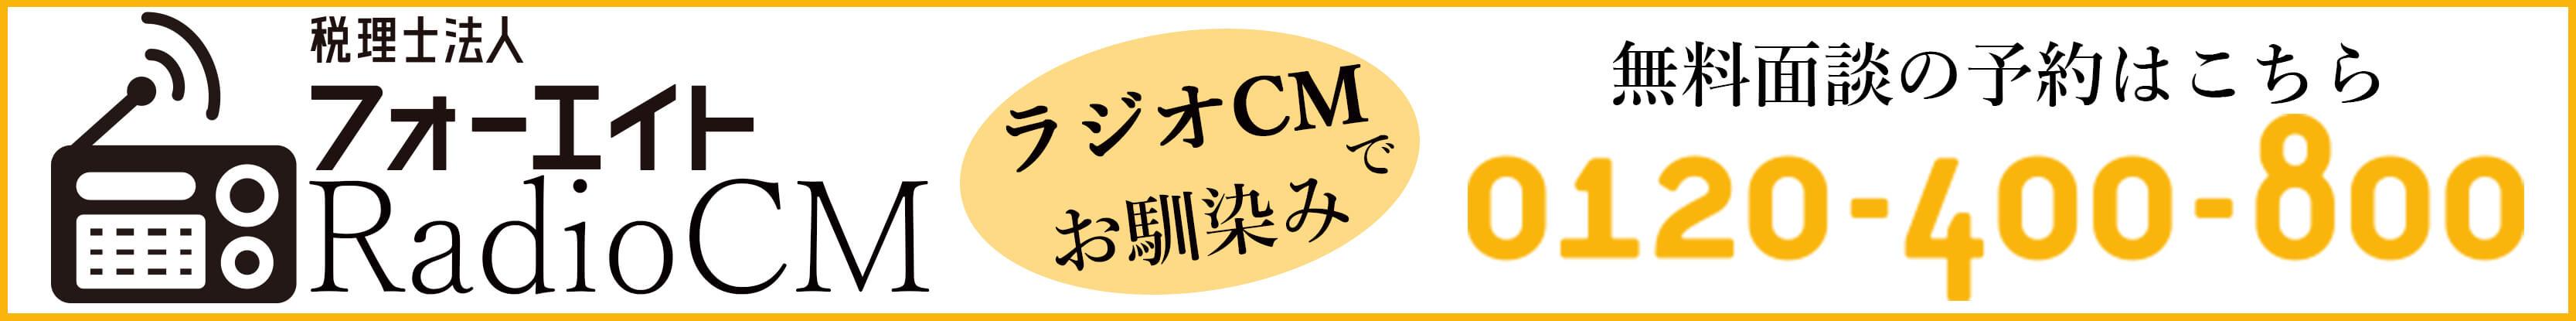 税理士法人フォーエイト ラジオCM